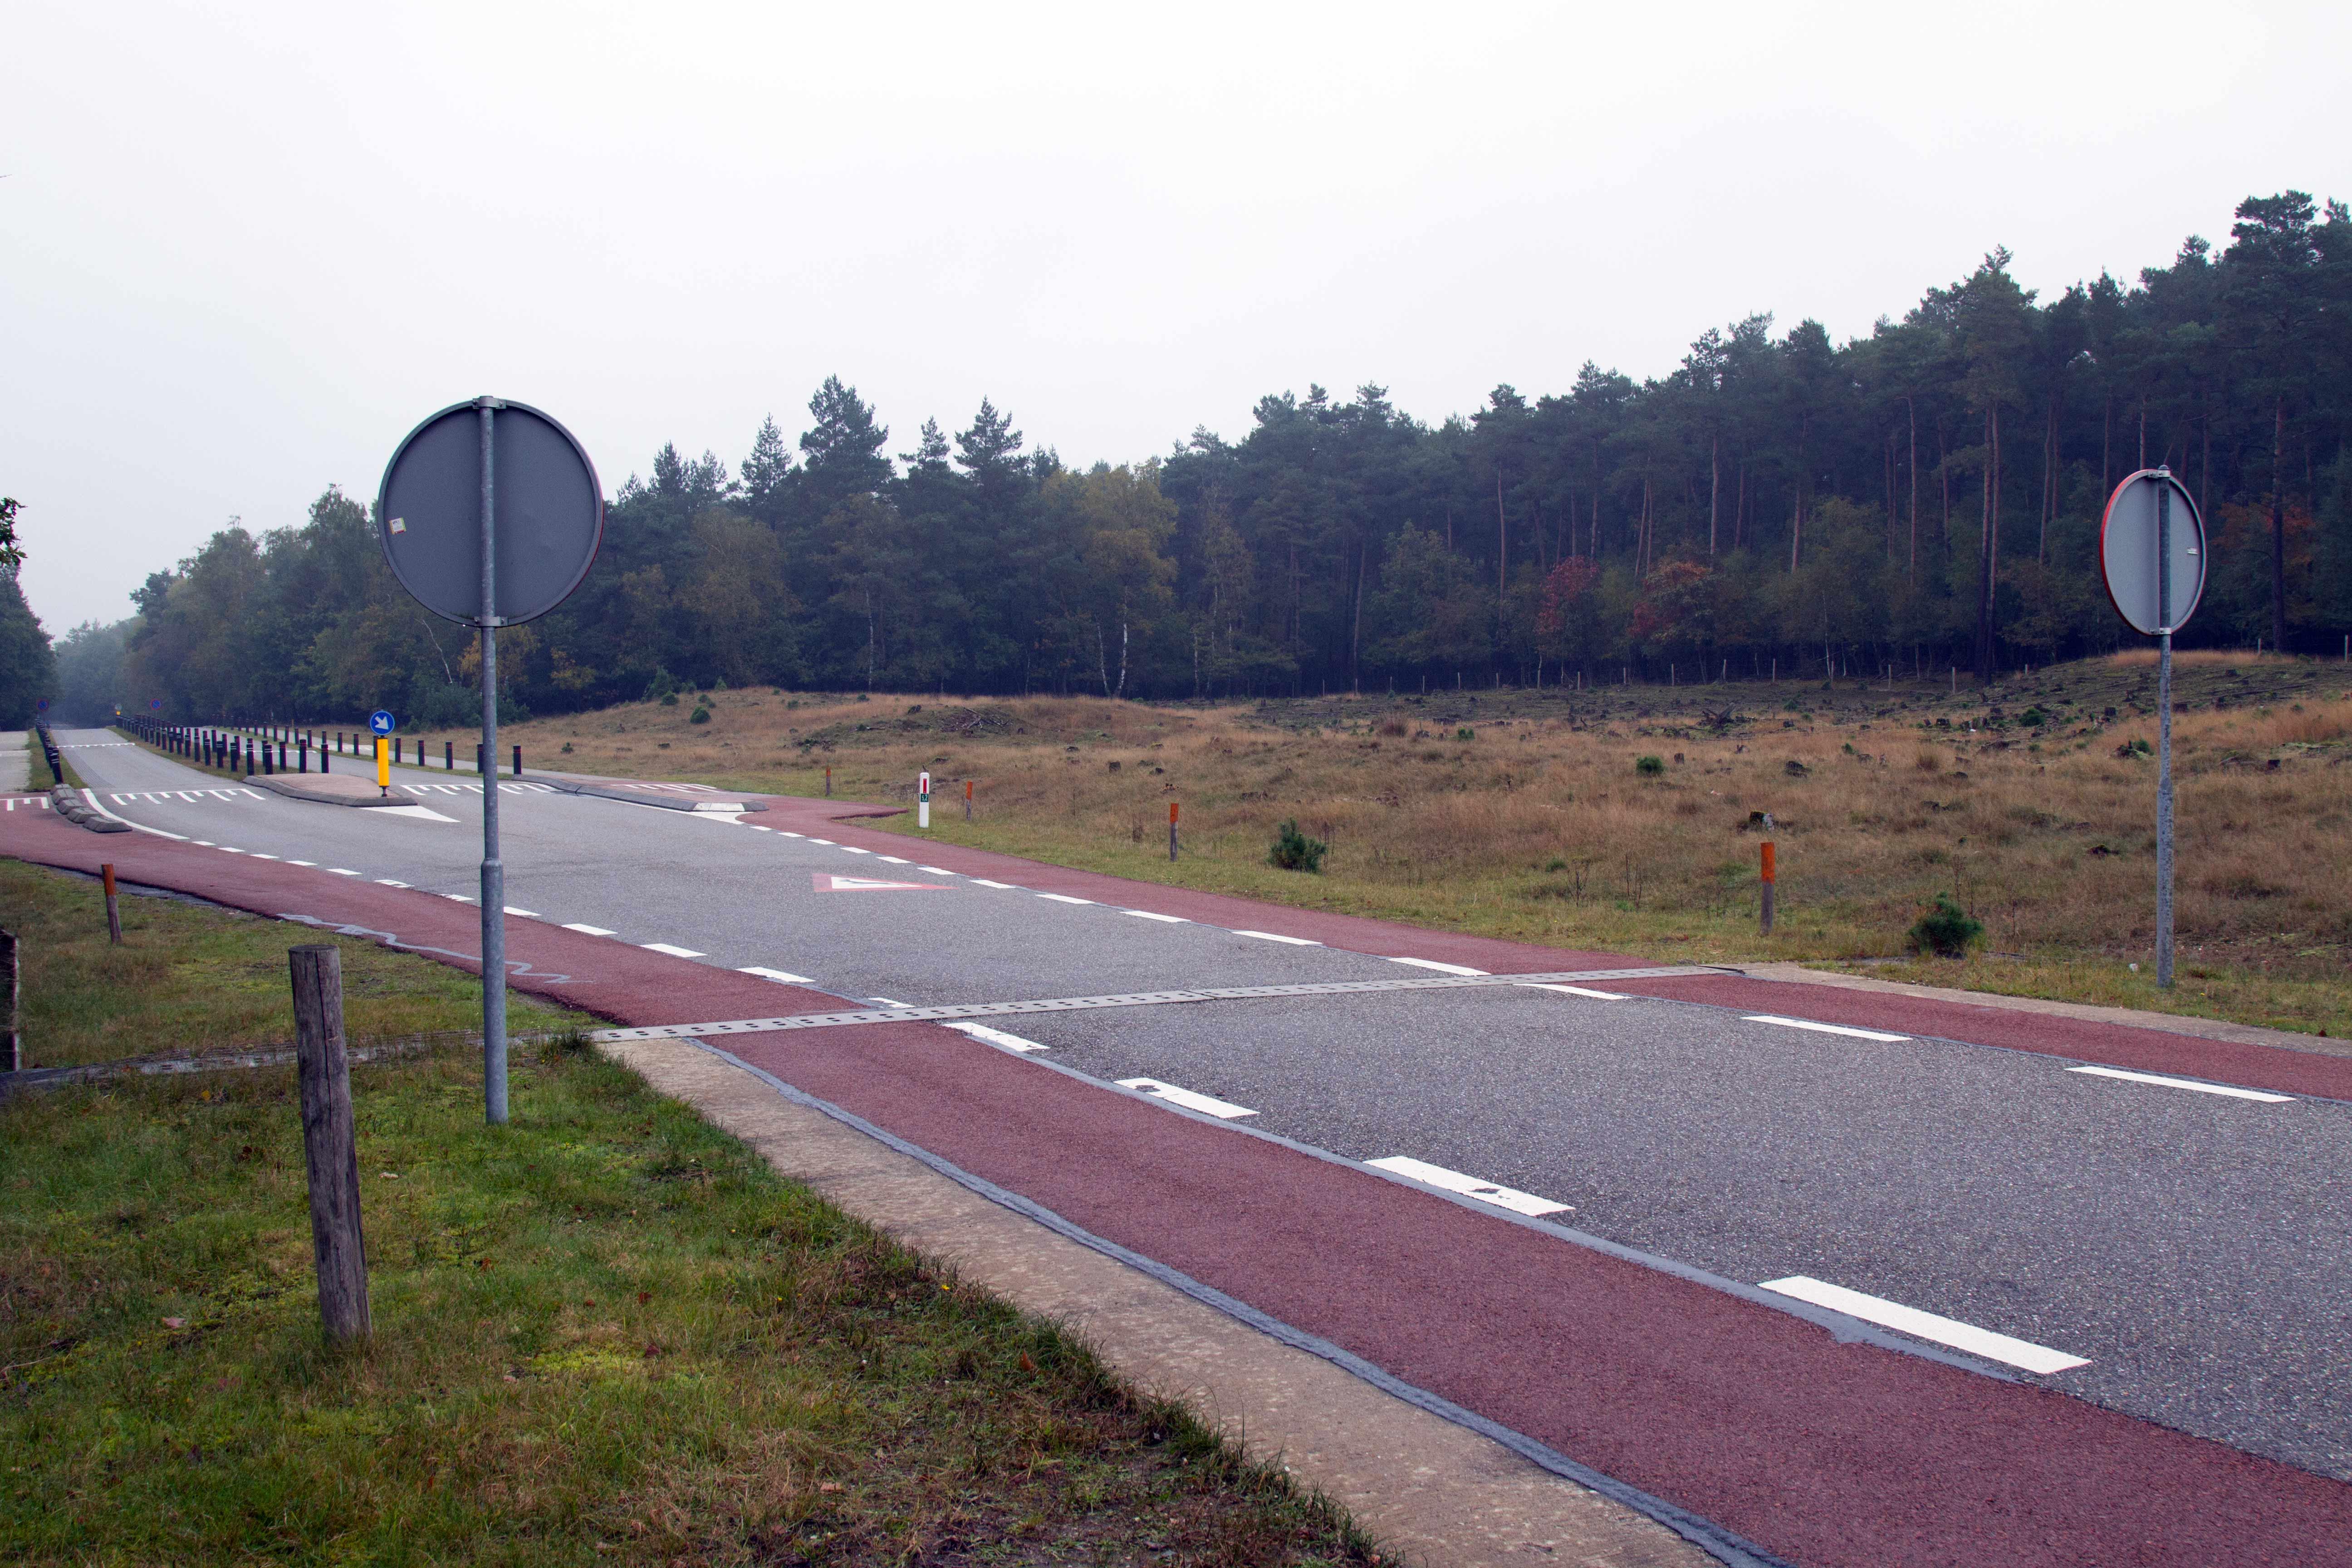 Ook het Deelrwoudgedeelte van Natuurmonumenten heeft een hek en een insprong – Foto: ©Yvonne Arentzen]